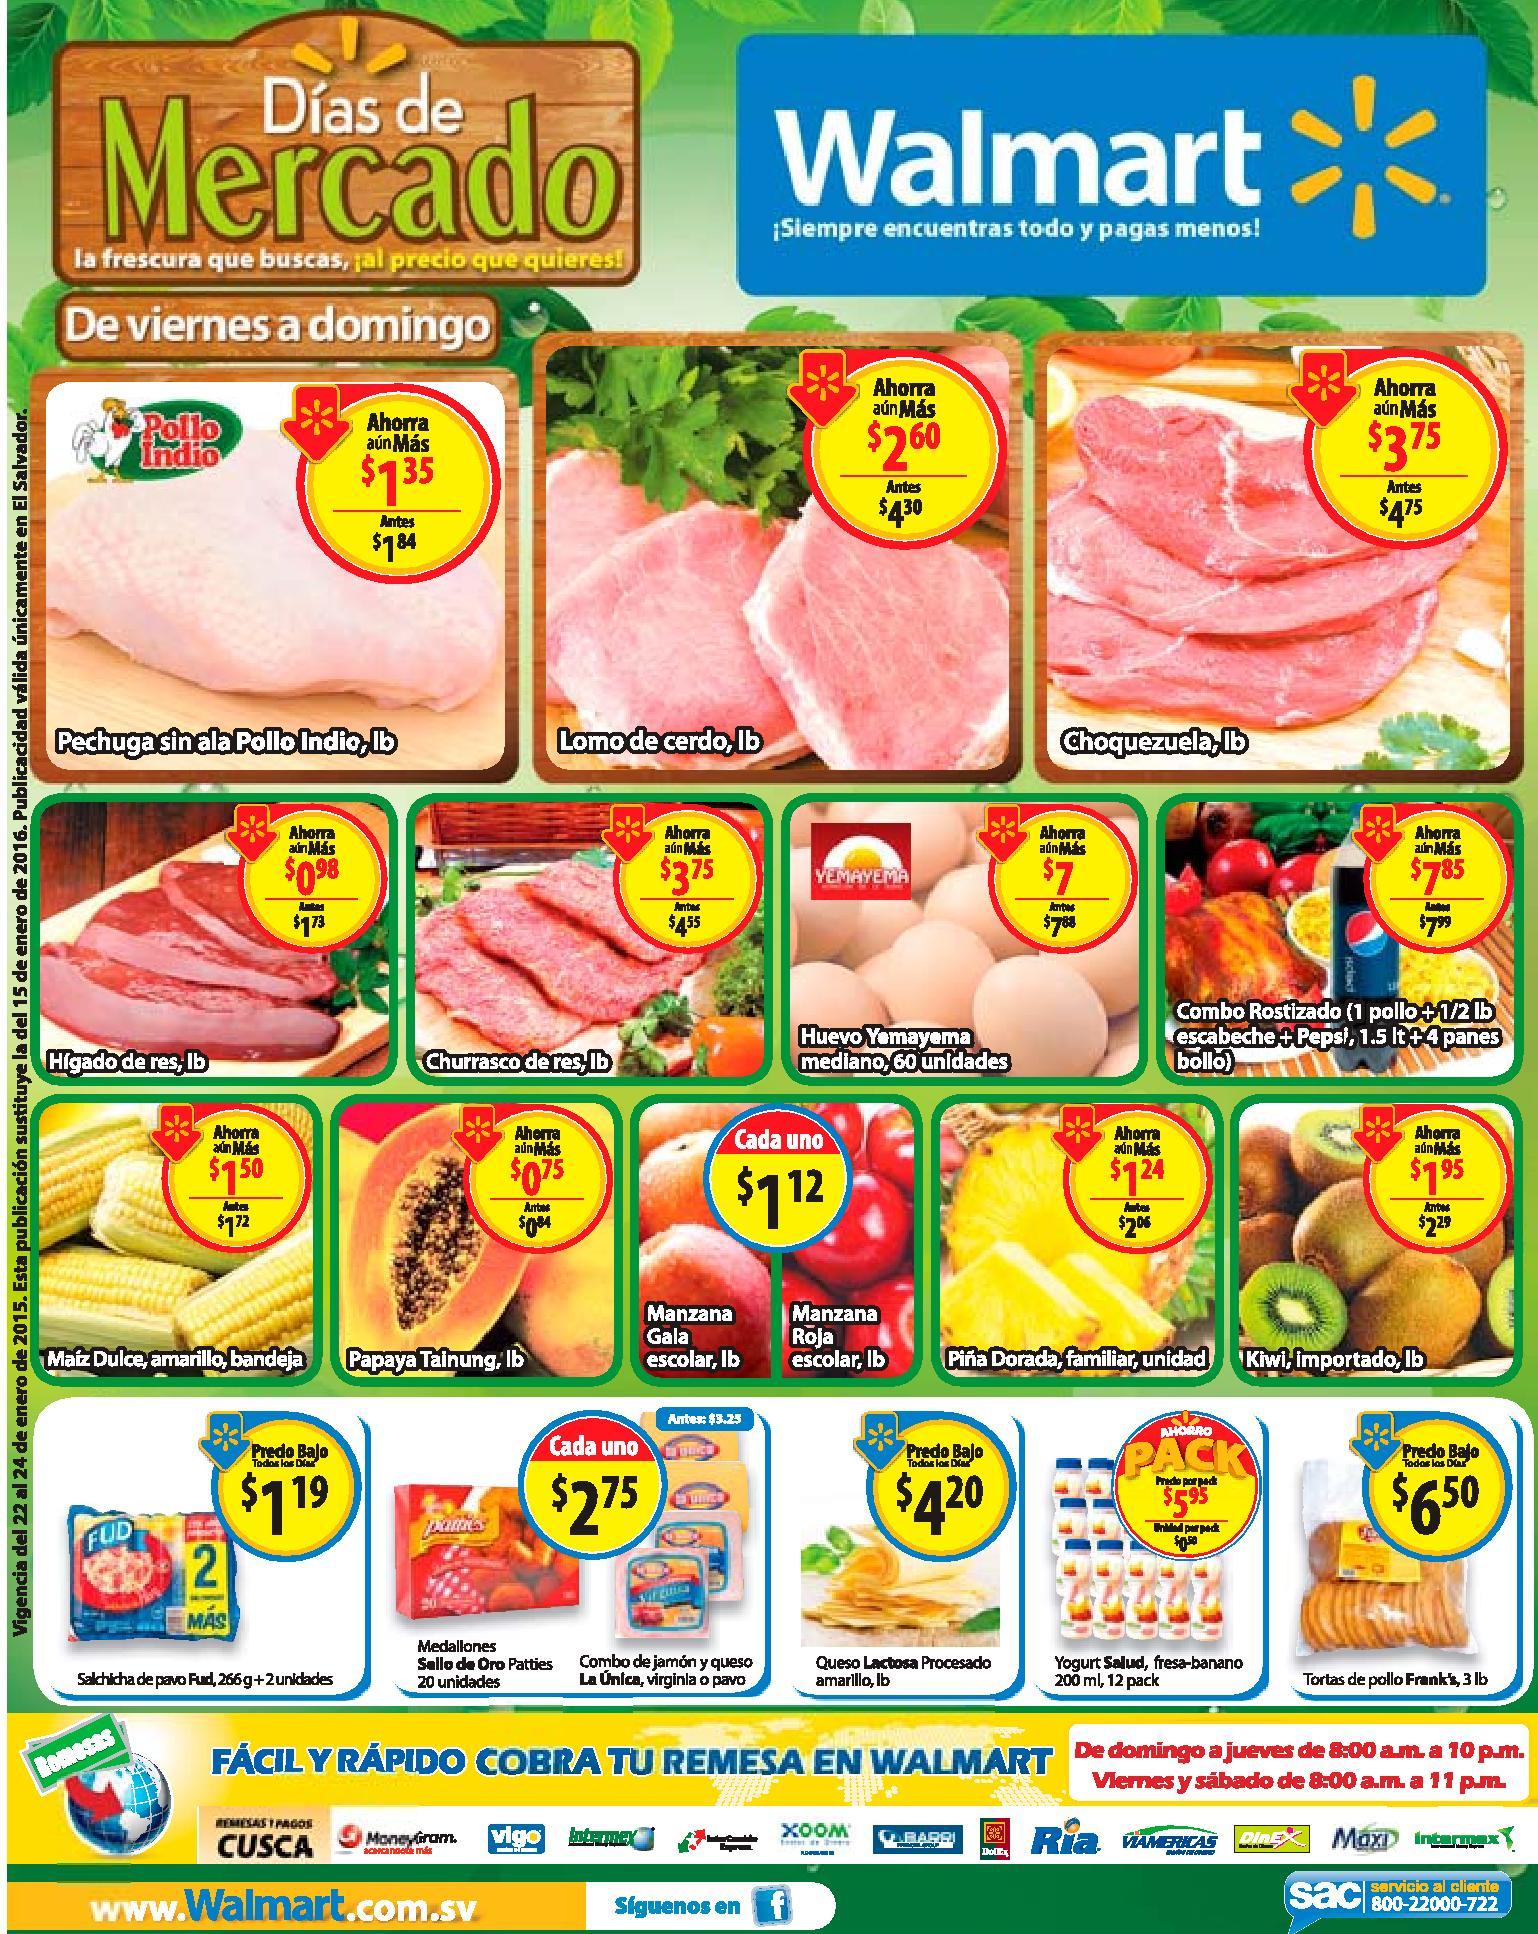 WALMART ofertas de Fin de semana en frutas y verduras - 22ene16